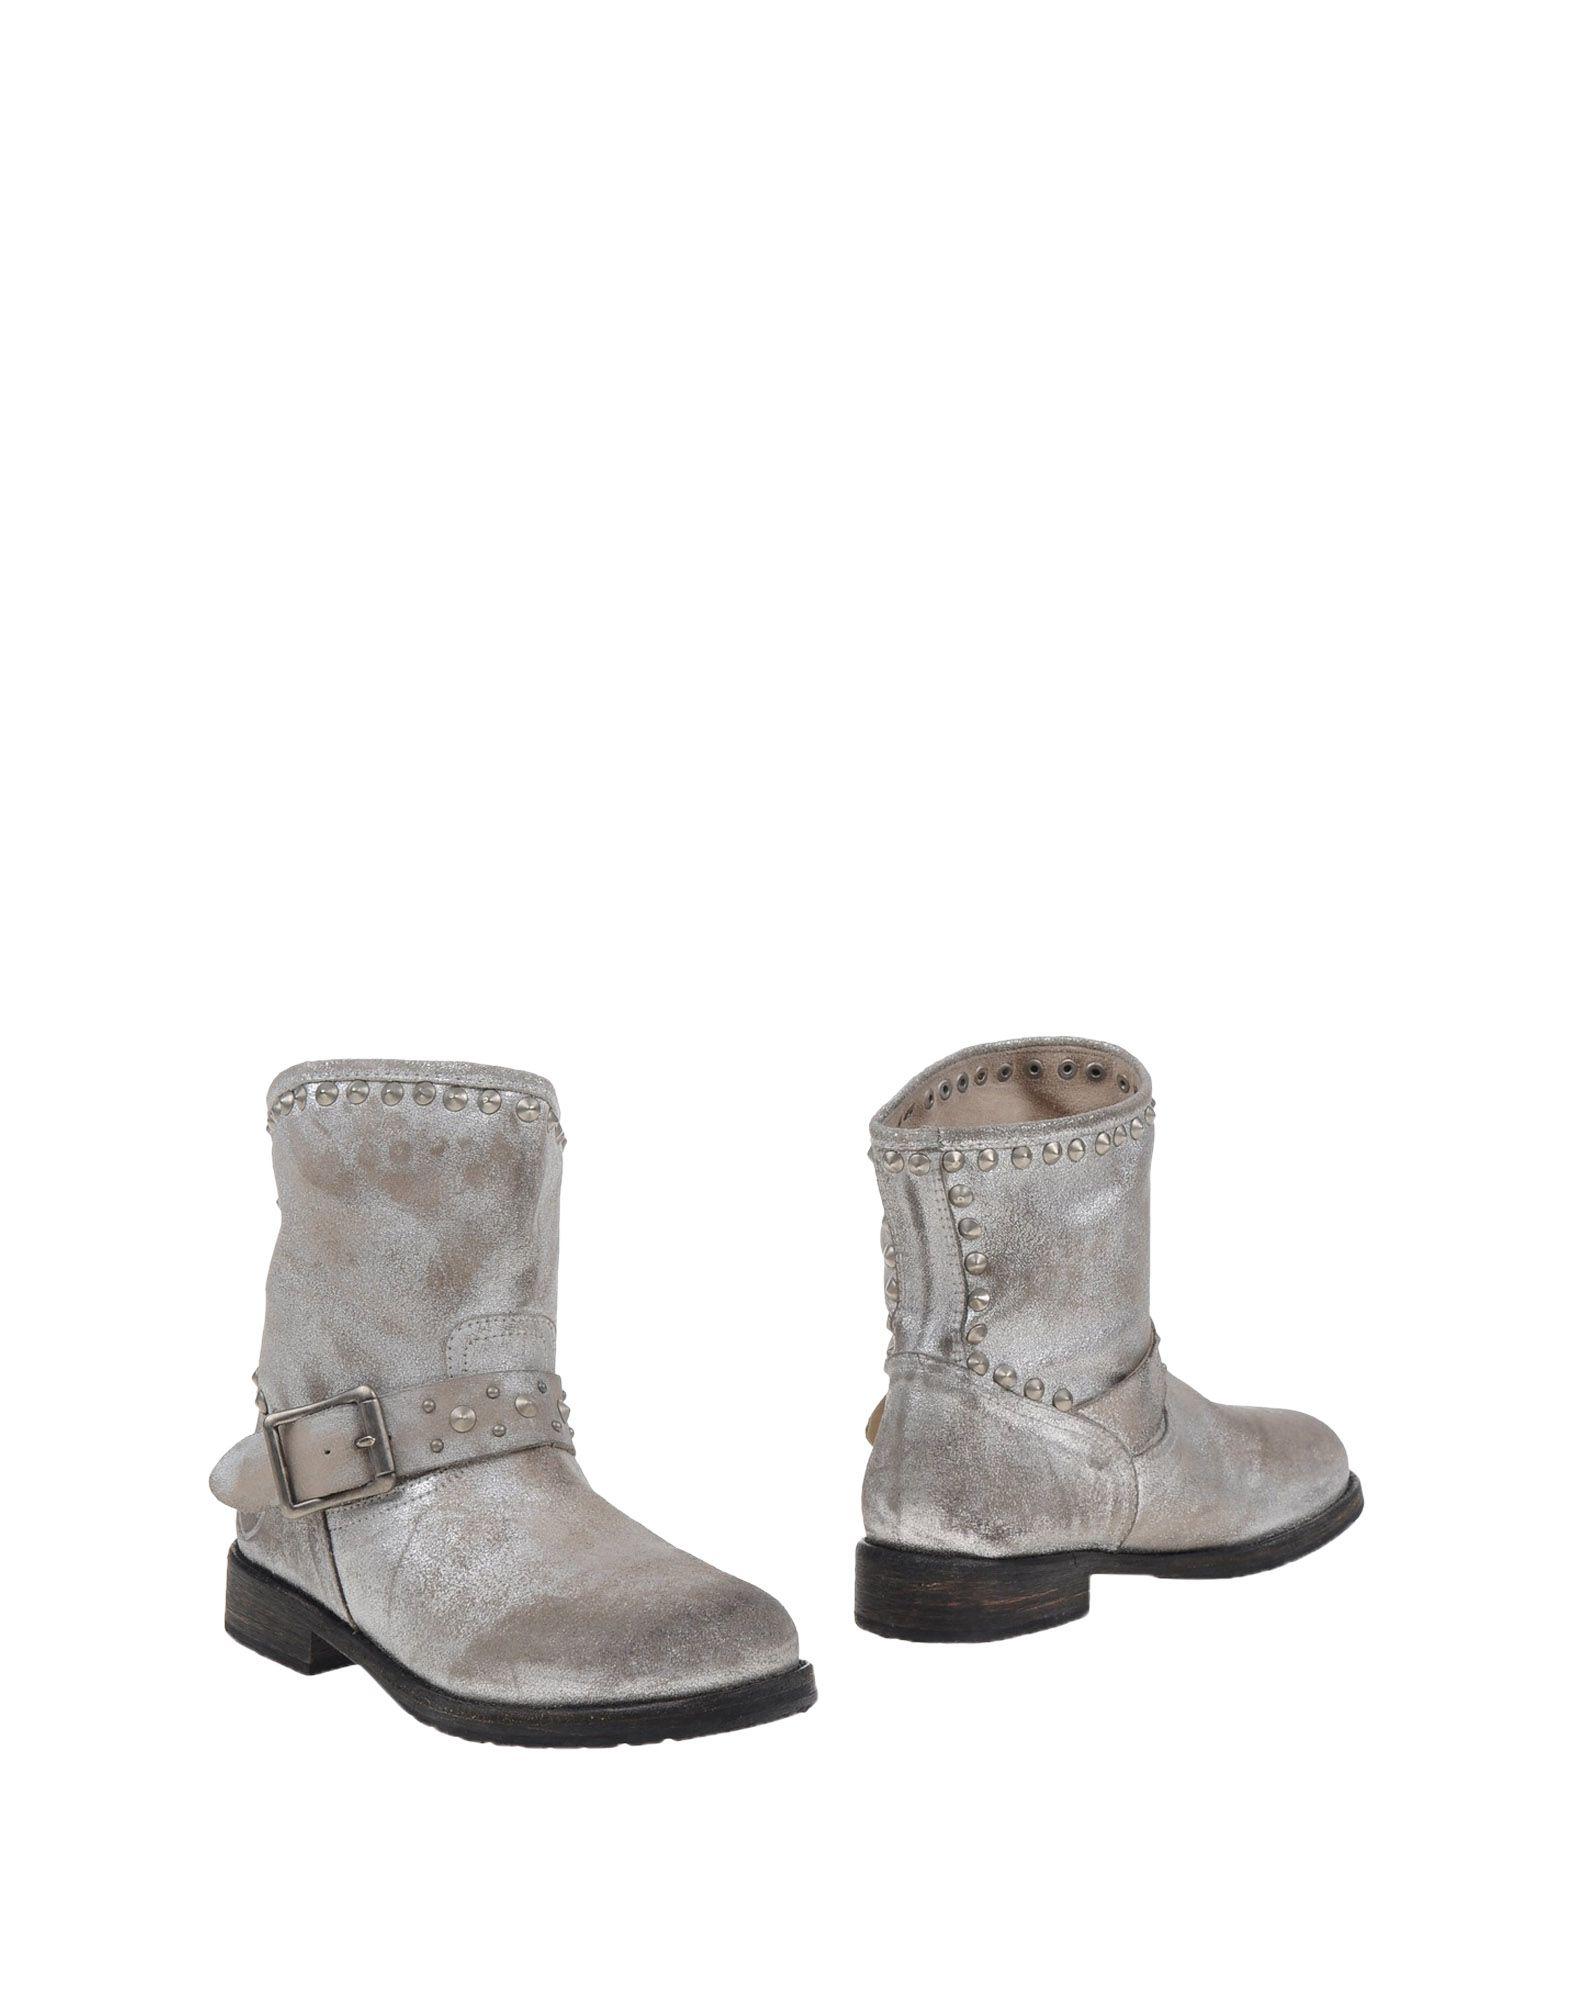 MR. WOLF Полусапоги и высокие ботинки цены онлайн